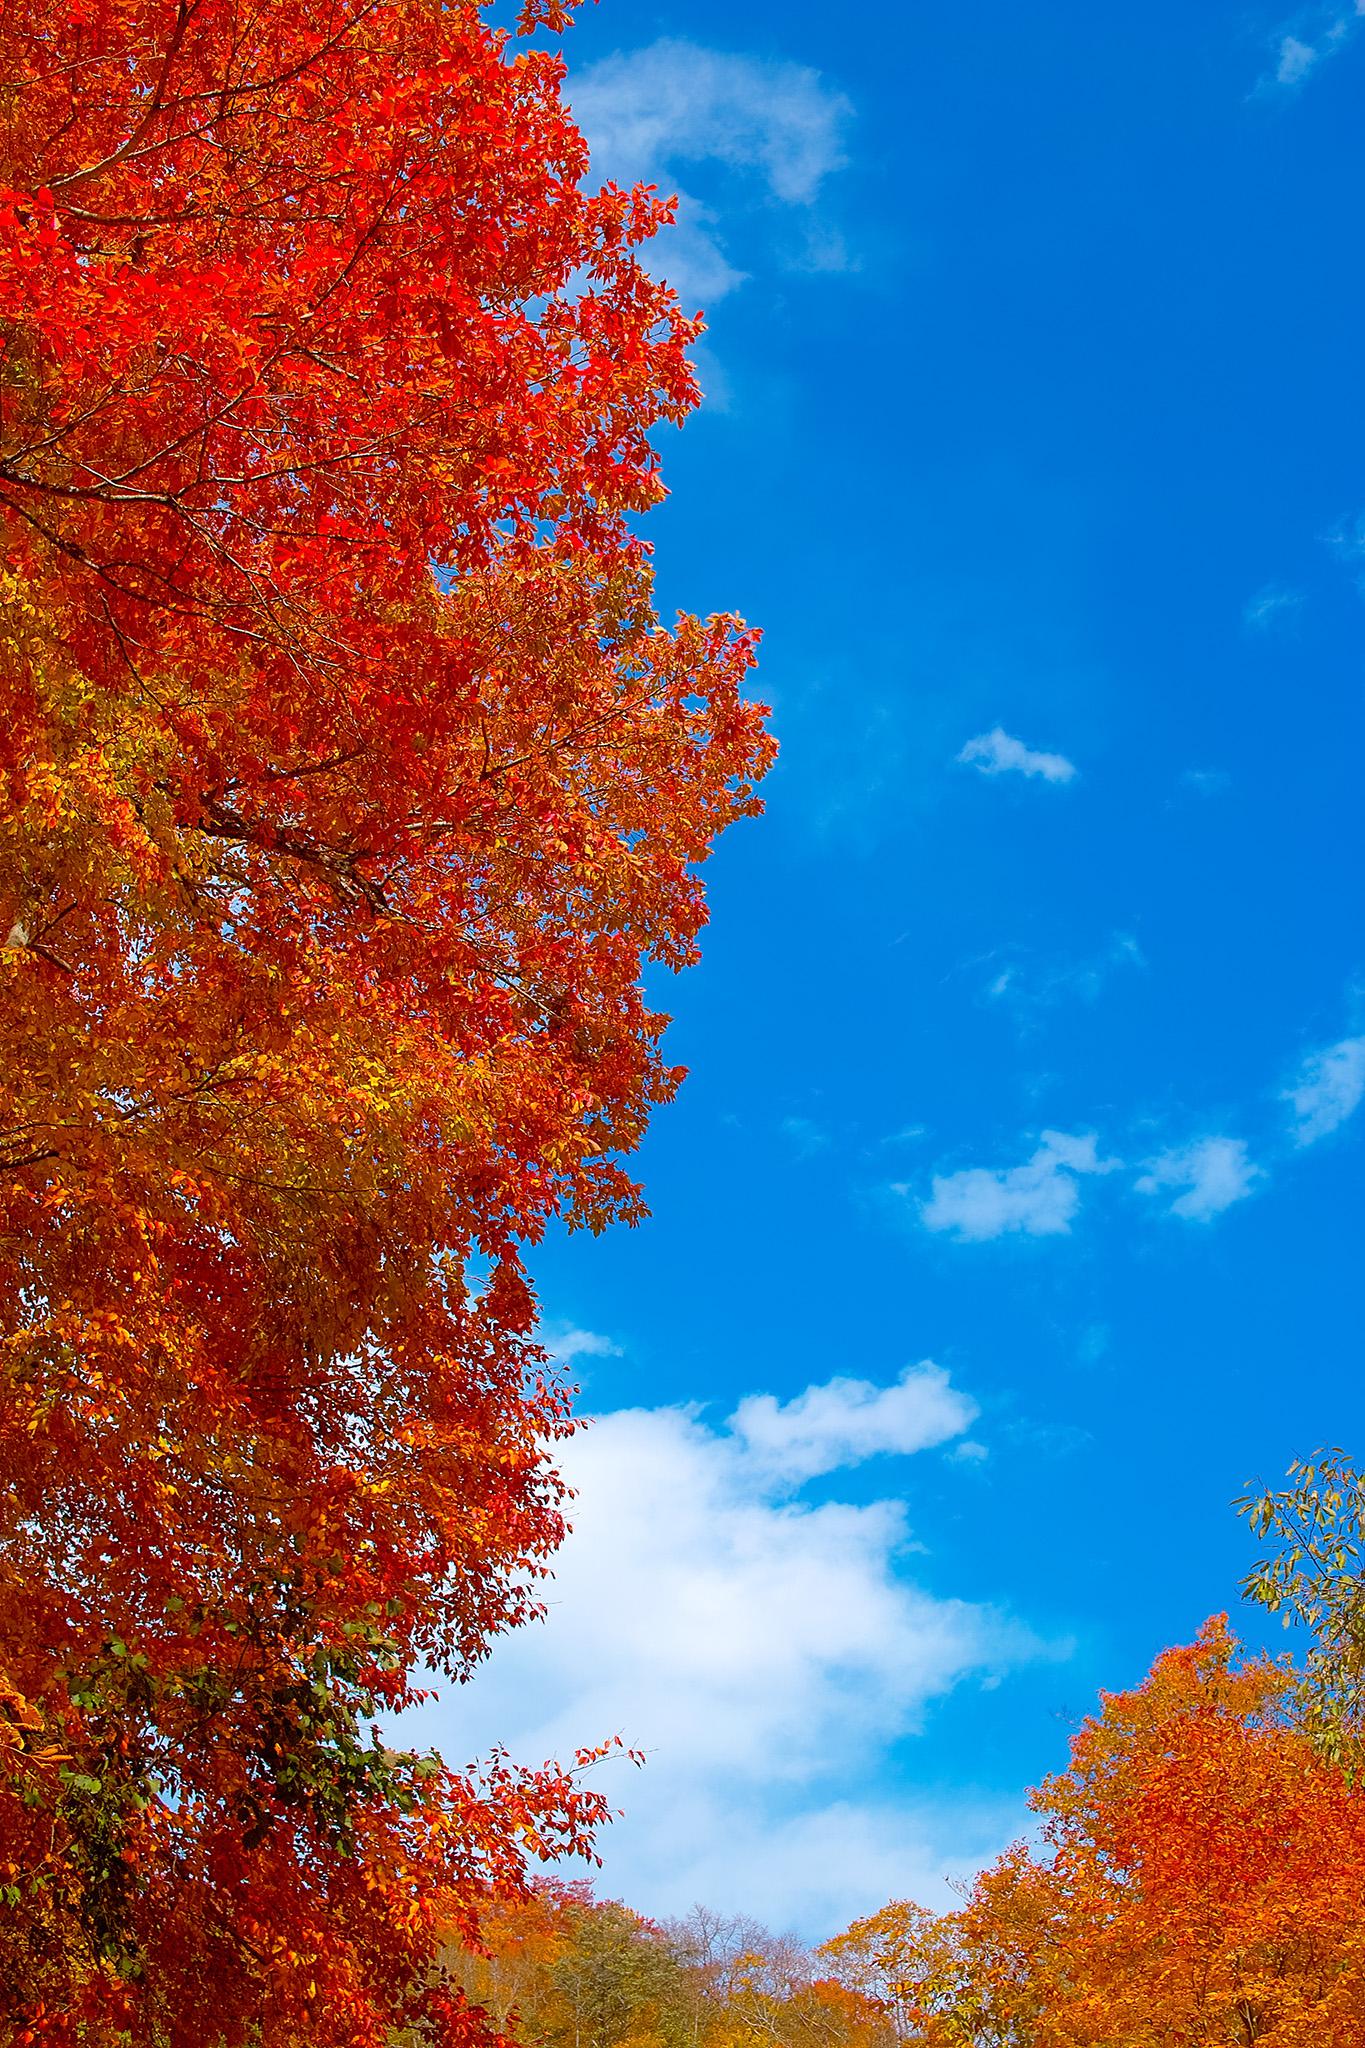 「秋の青空と紅葉の背景」